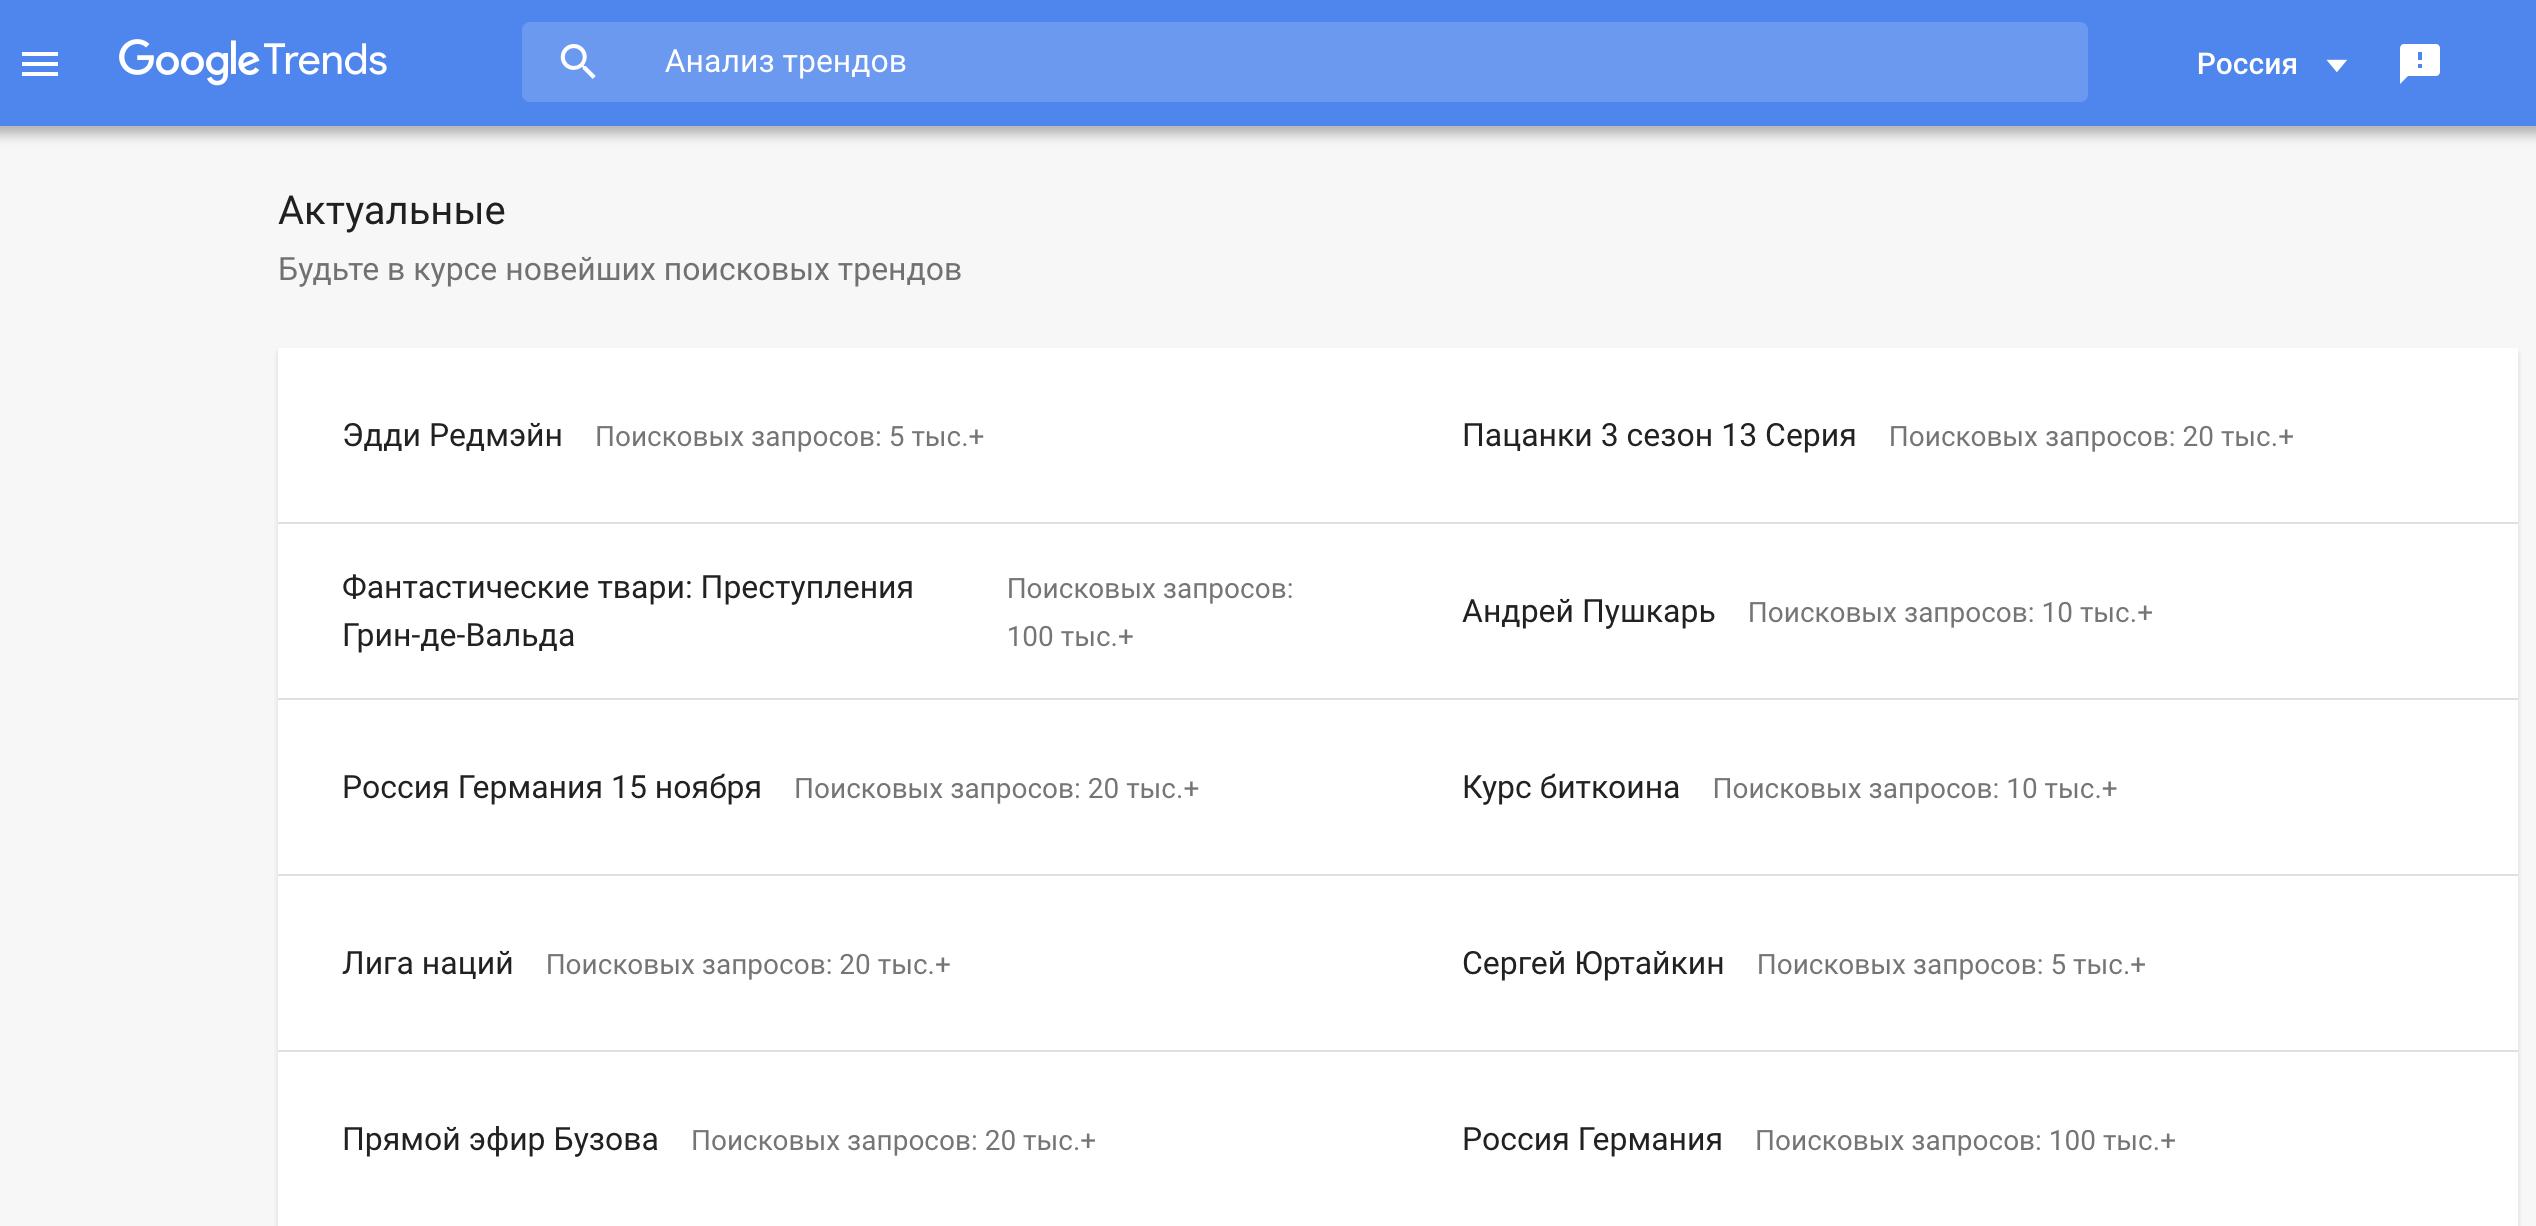 В Google Trends благодаря анализу актуальных тем можно найти мемы